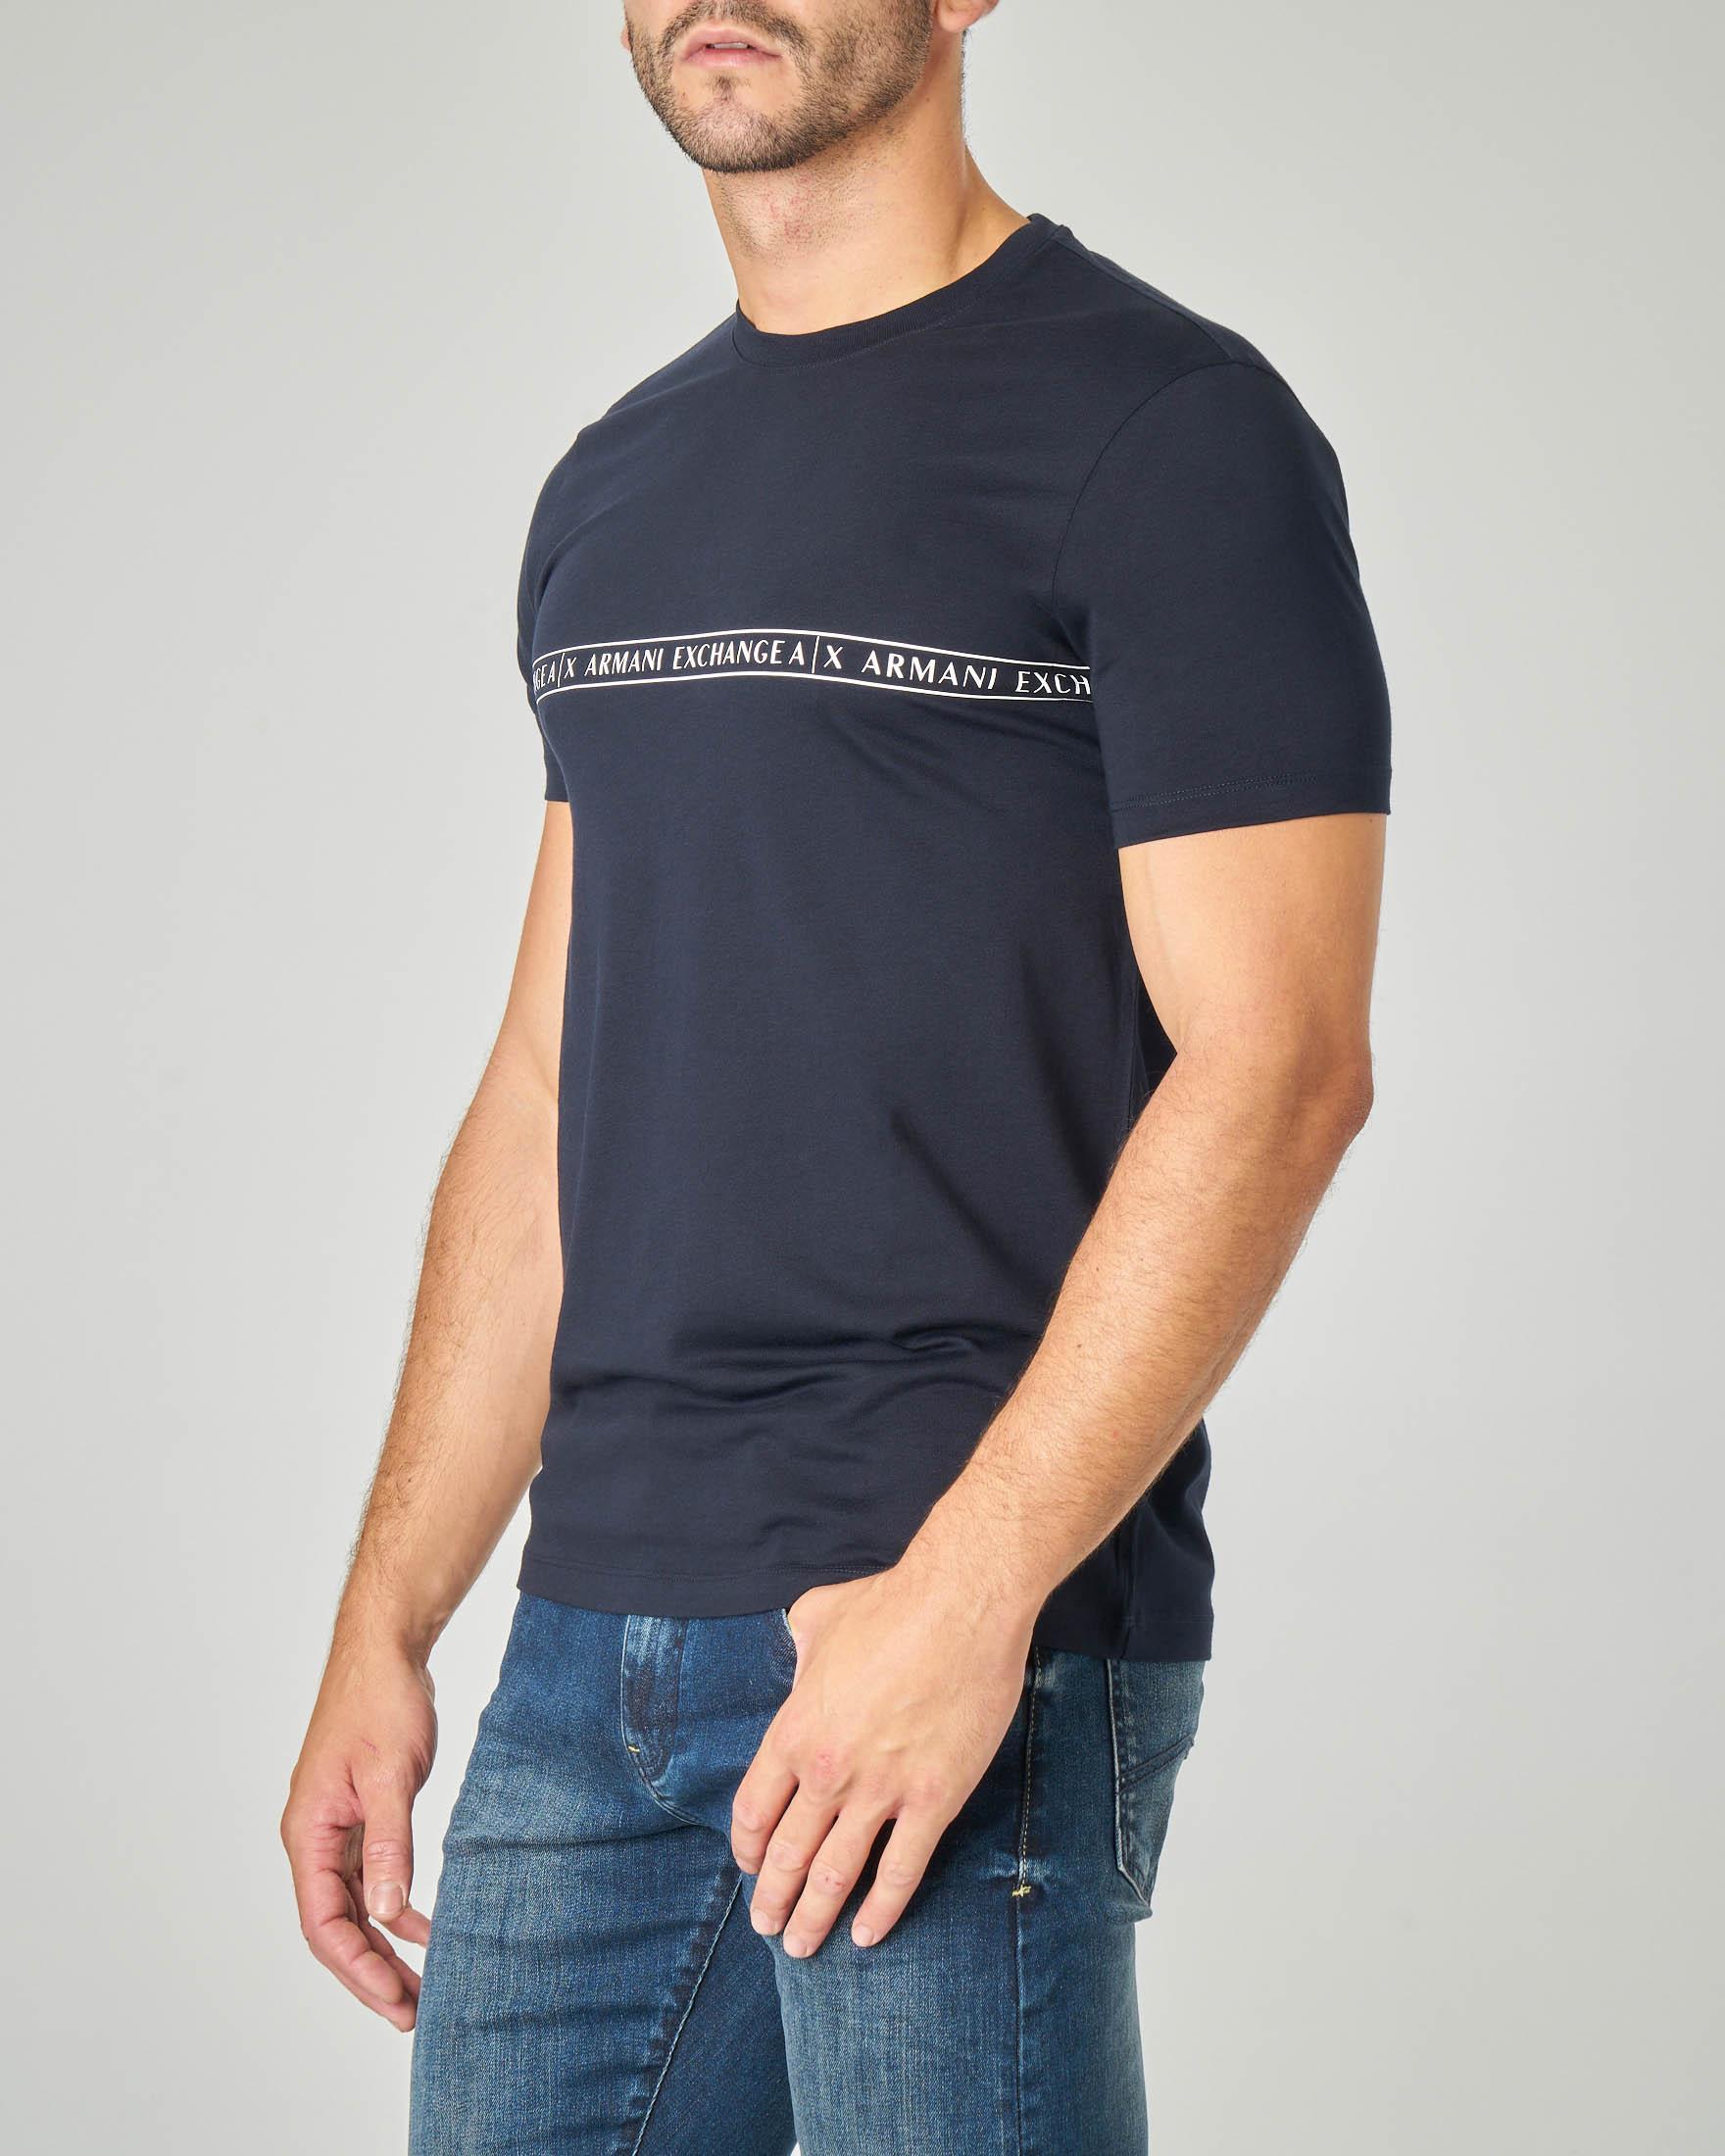 T-shirt mezza manica blu con fascia logata sul petto